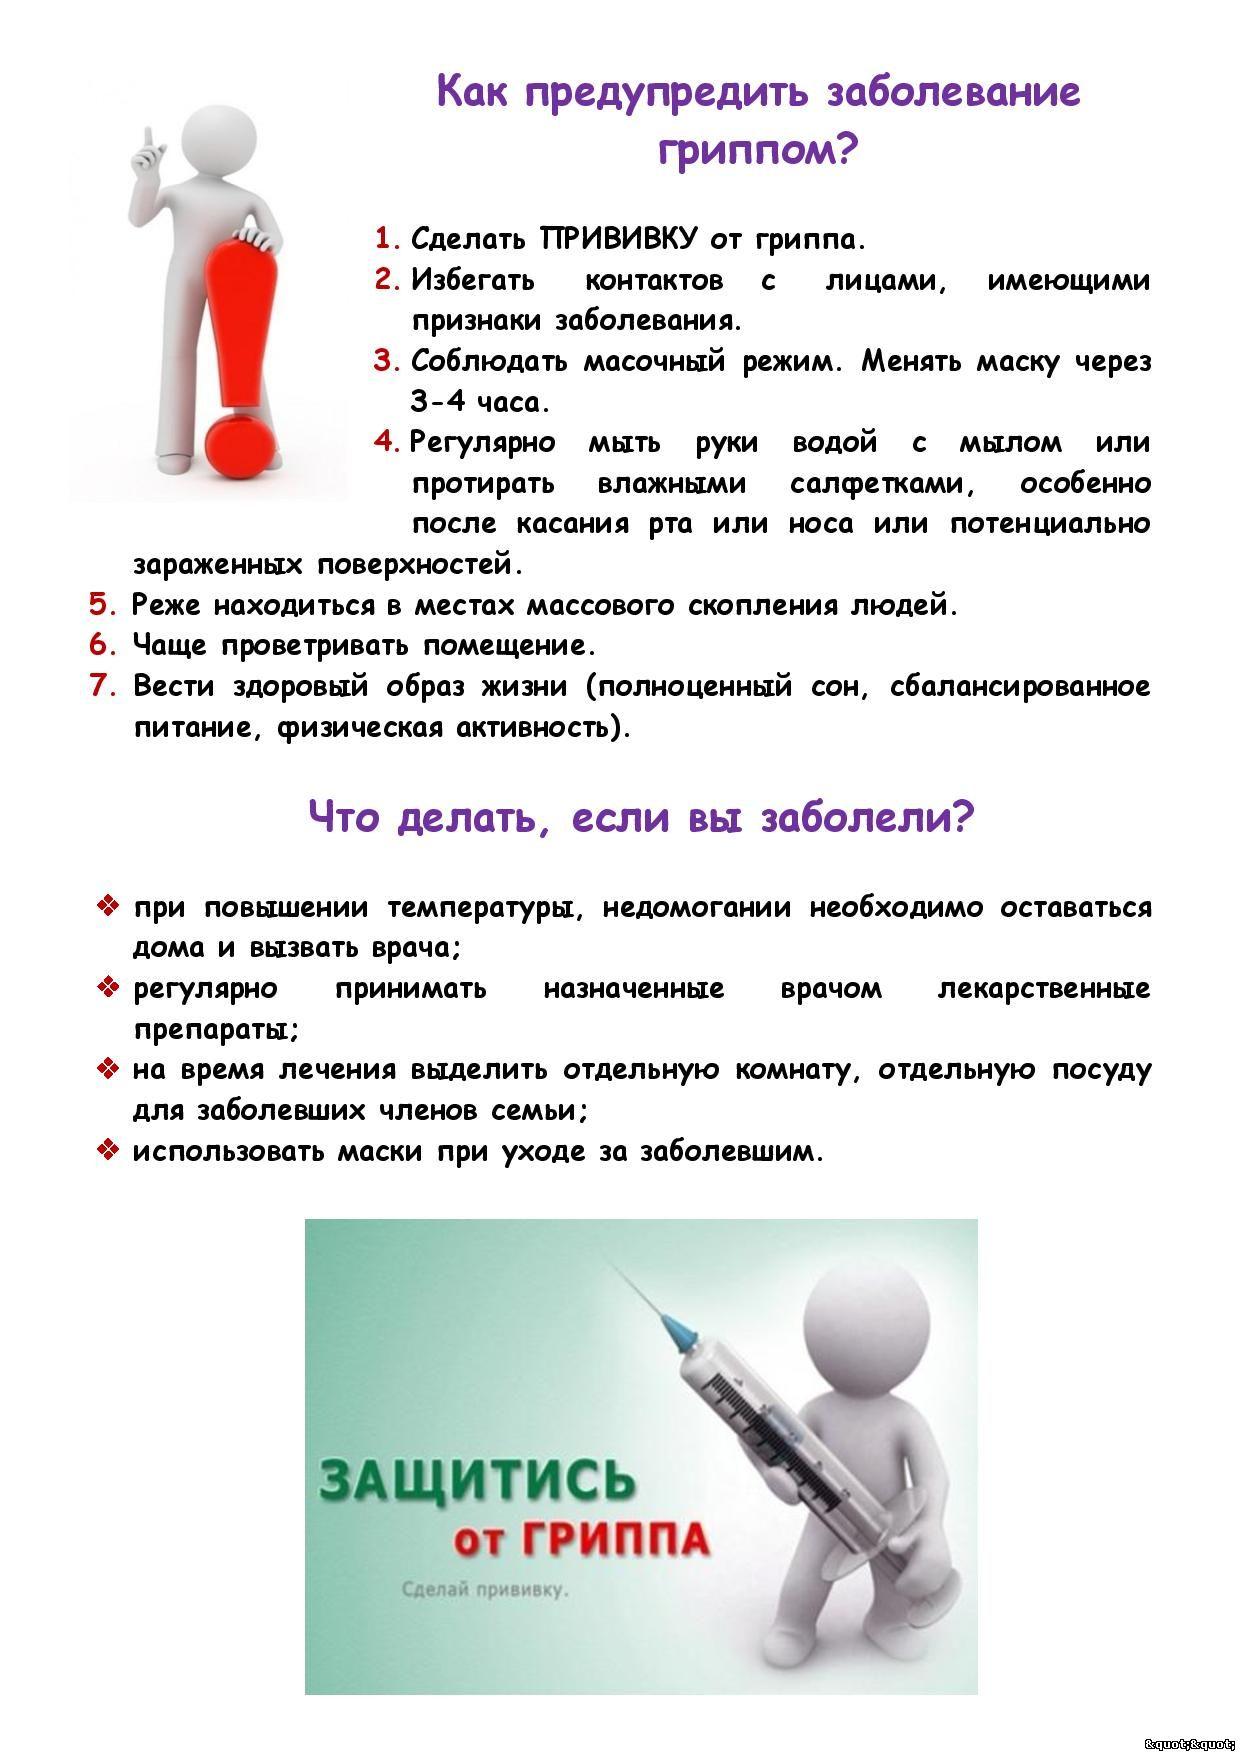 санпин 2014 инструкция по технике безопасности охране жизни и здоровья воспитанников детского сада